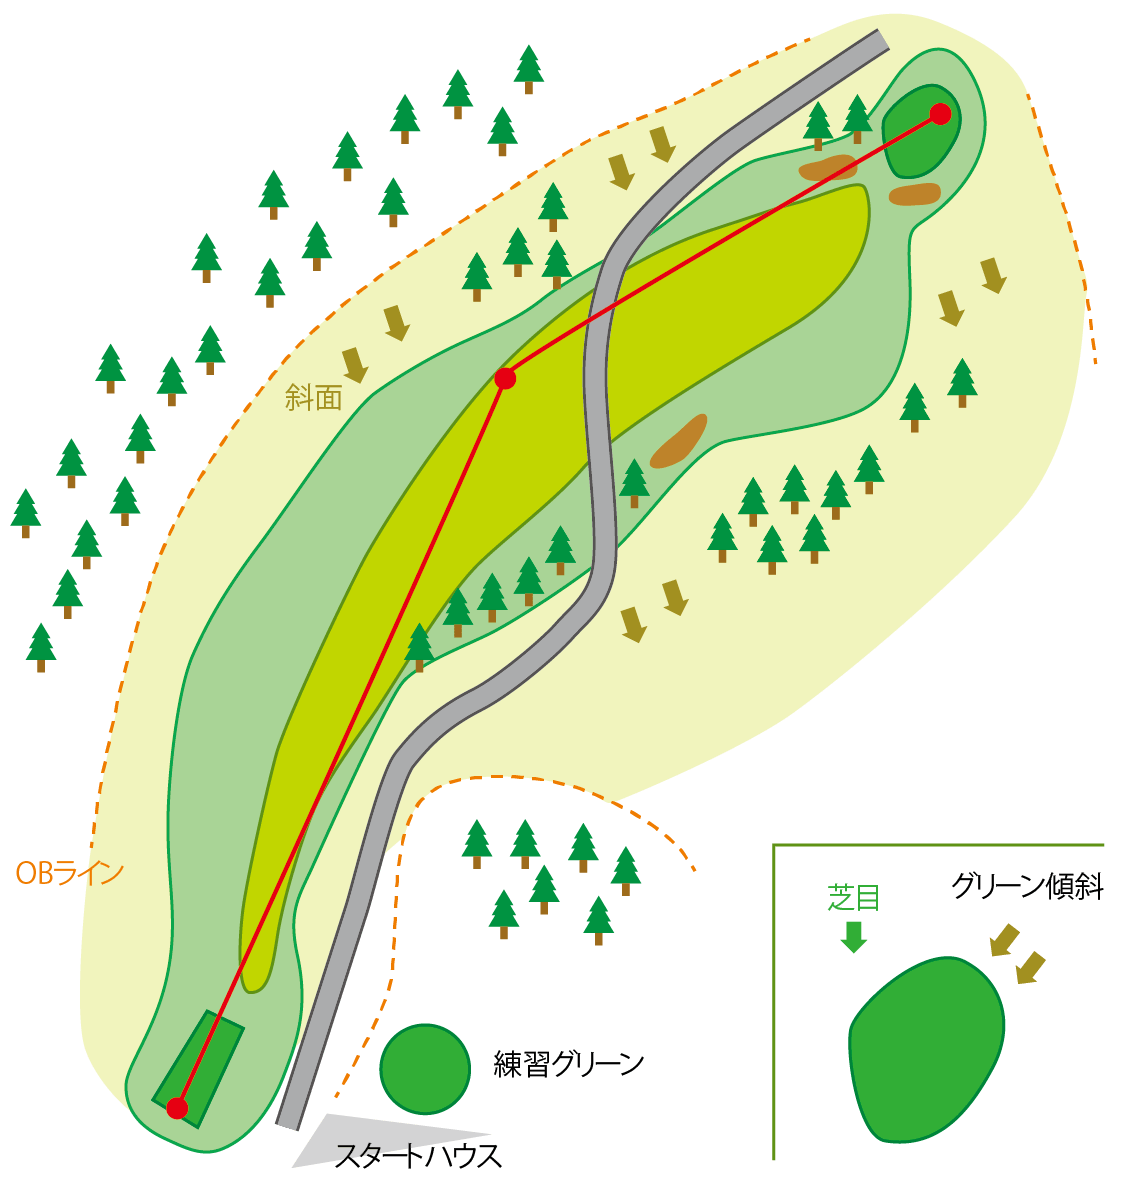 五頭コース HOLE1のコースマップ